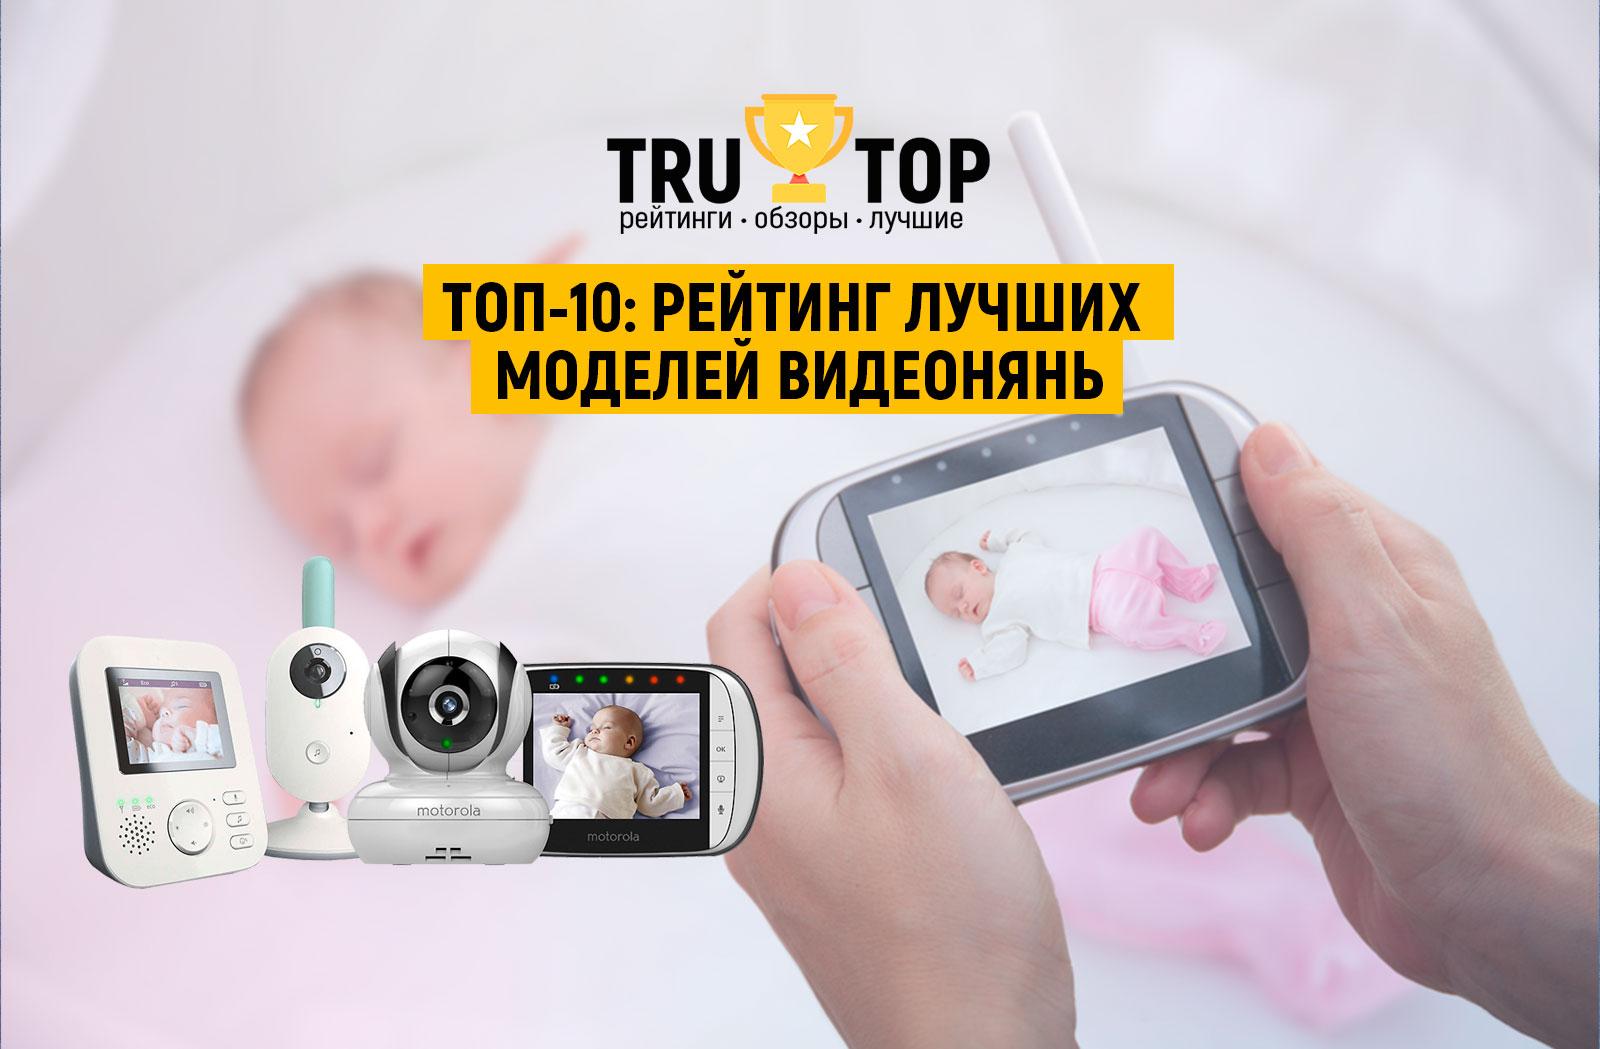 Видеоняня рейтинг лучших 2020-2019. топ 20